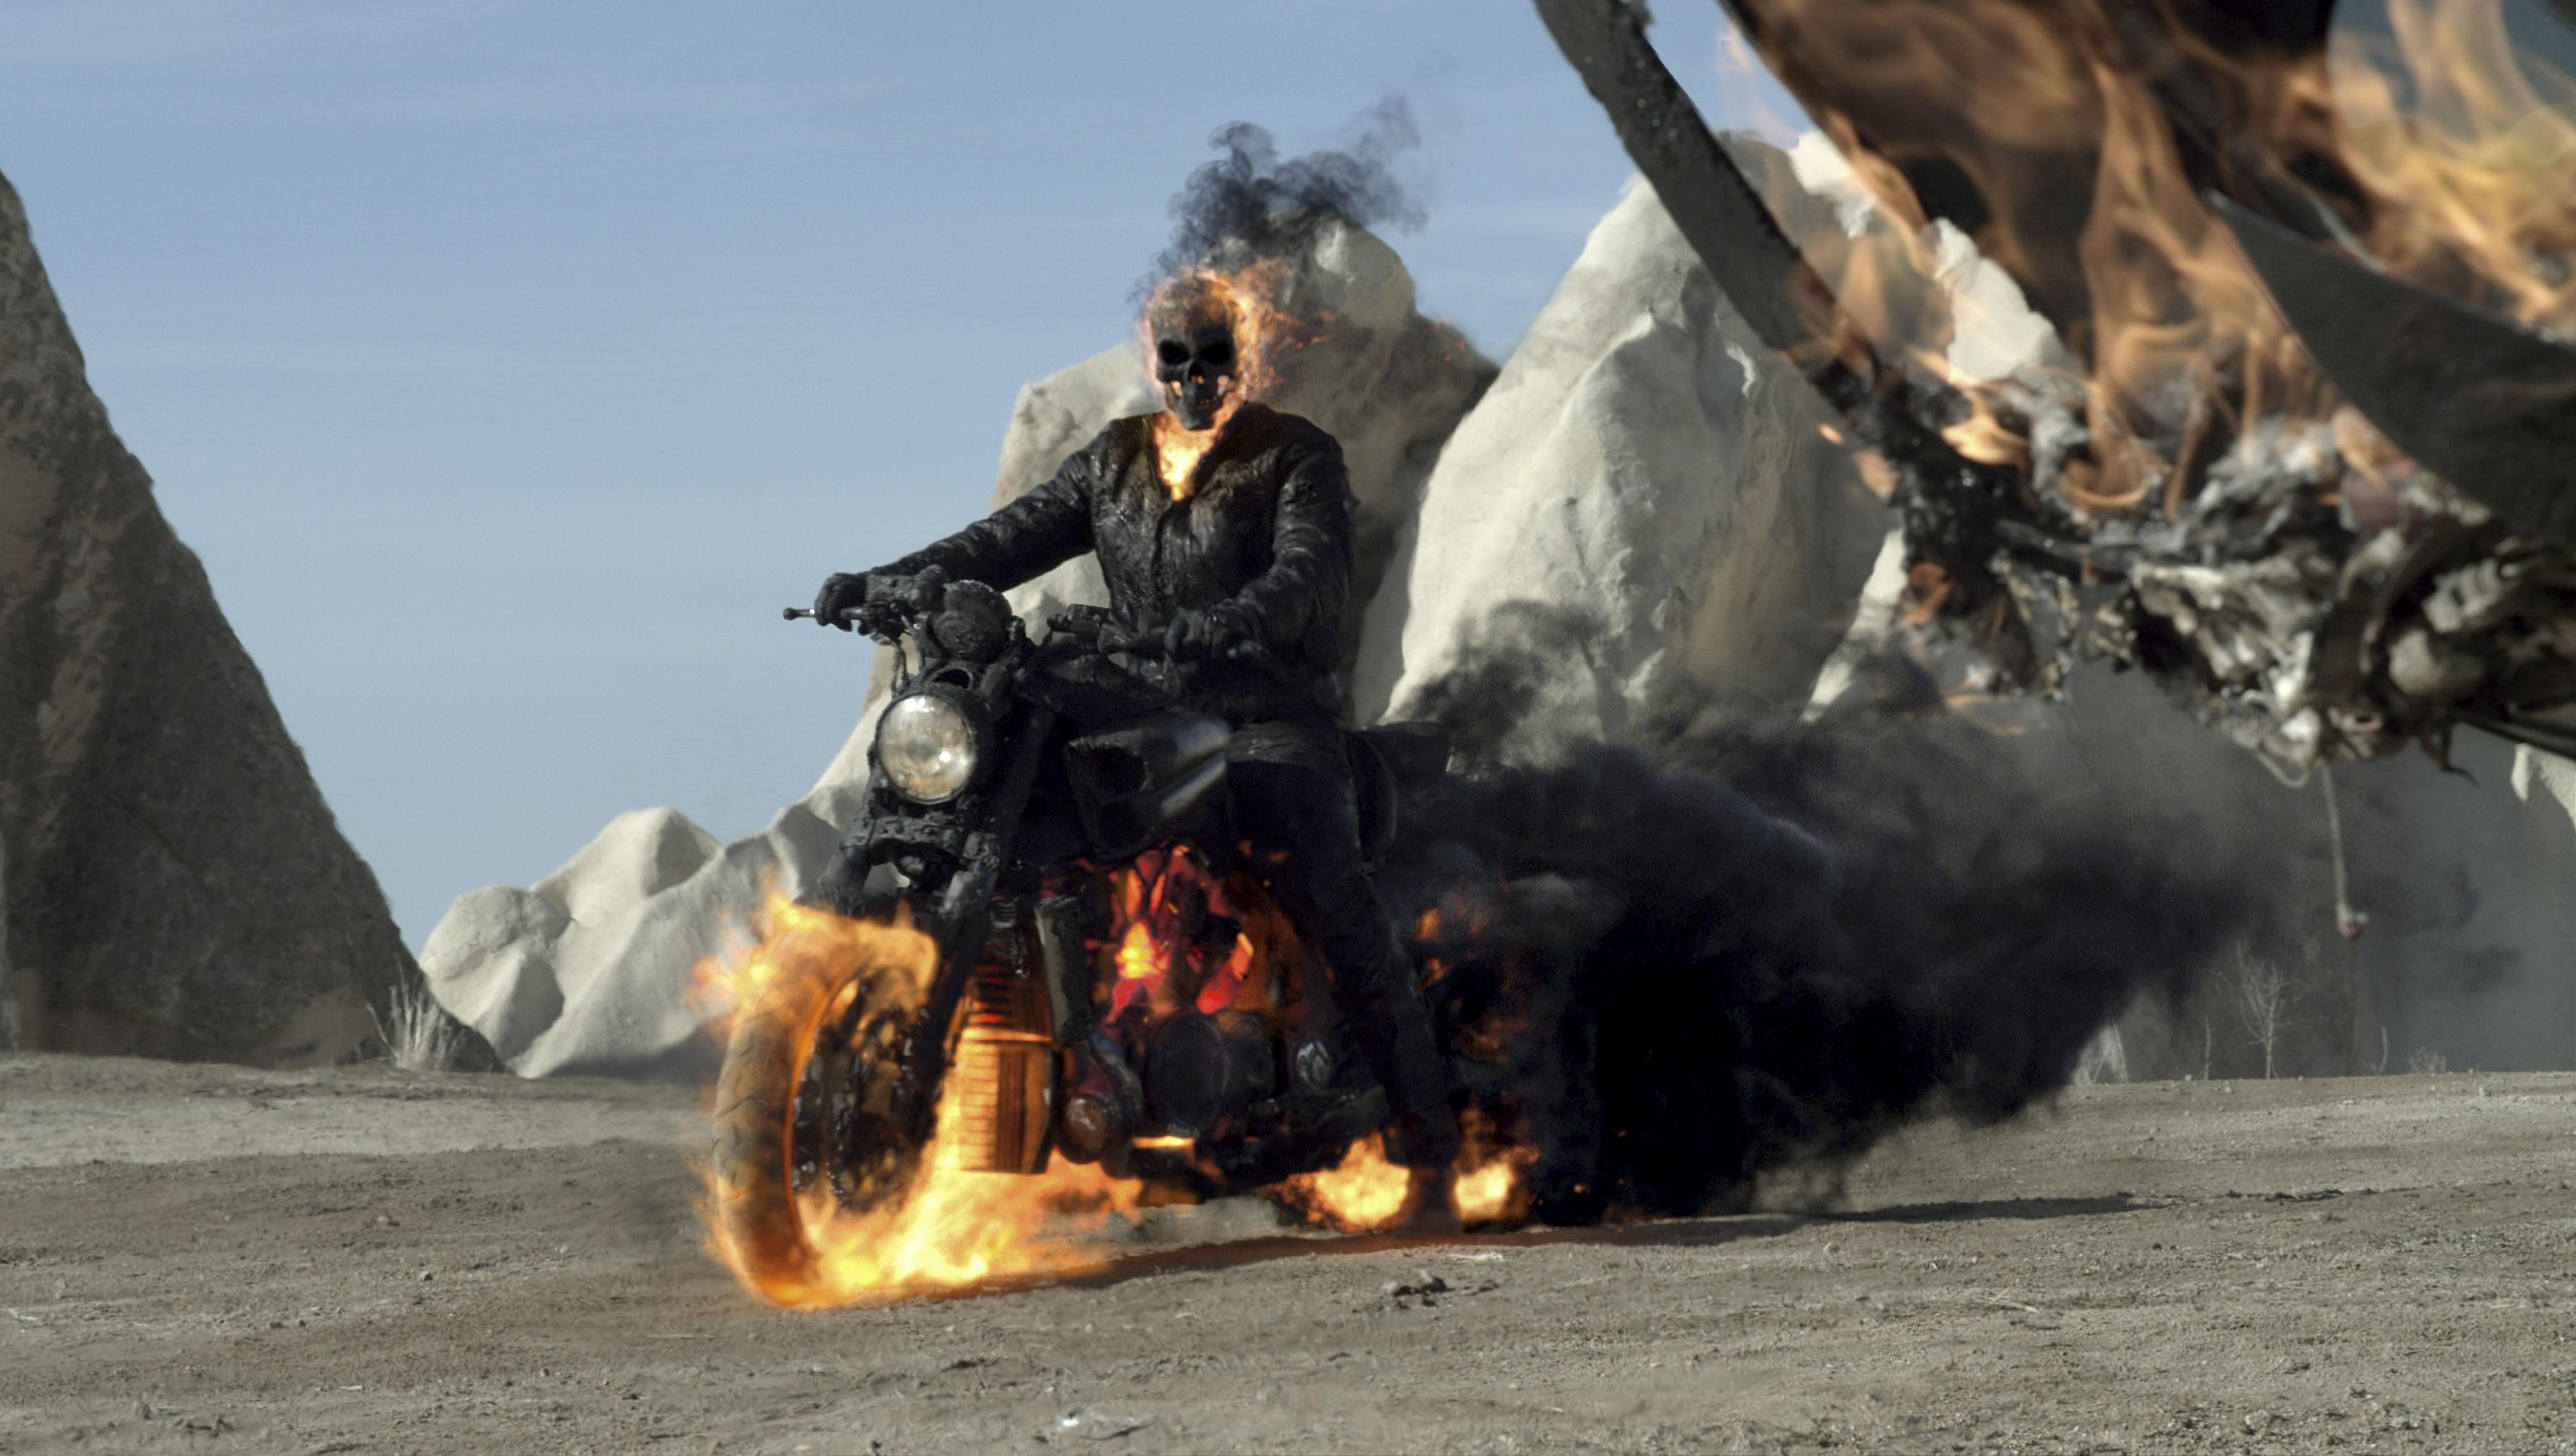 промо-слайды Призрачный гонщик 2 в 3D Николас Кейдж,